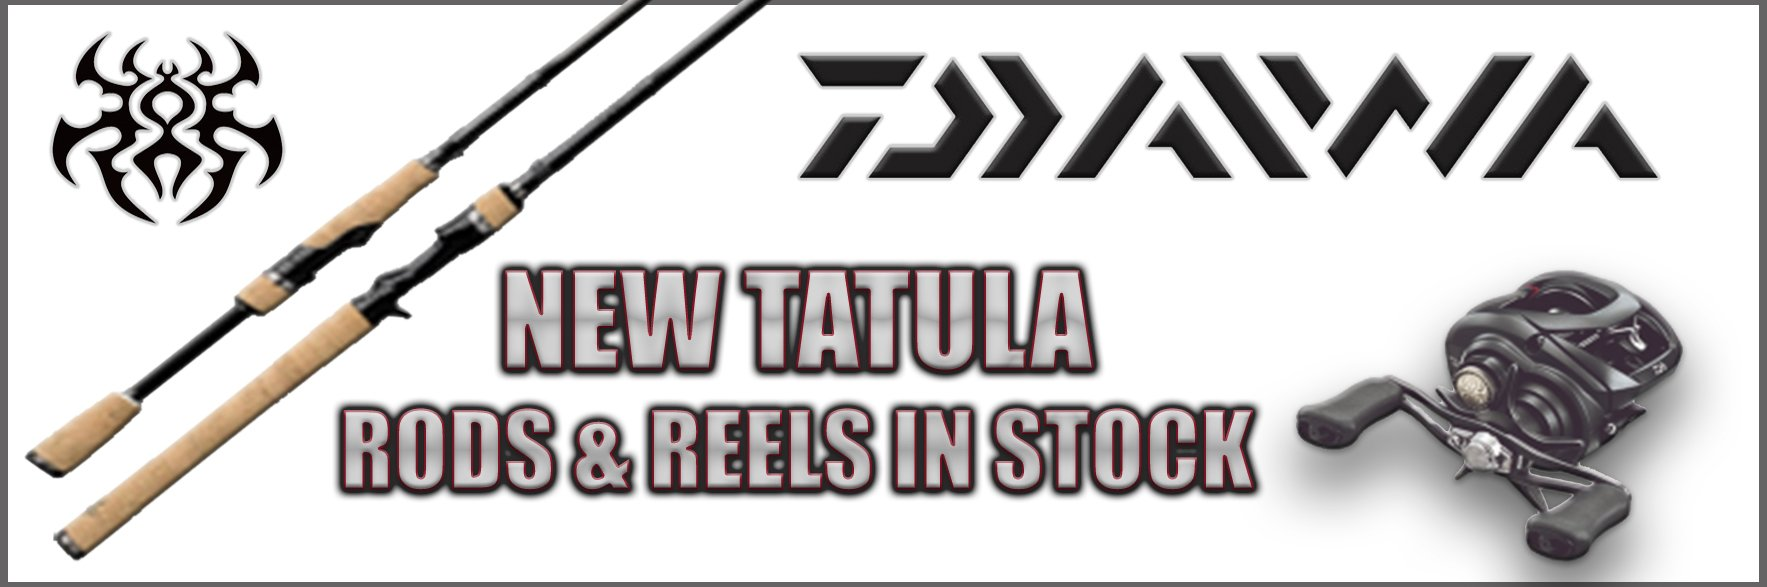 2018 New Daiwa Tatula Rods & Reels - Fast